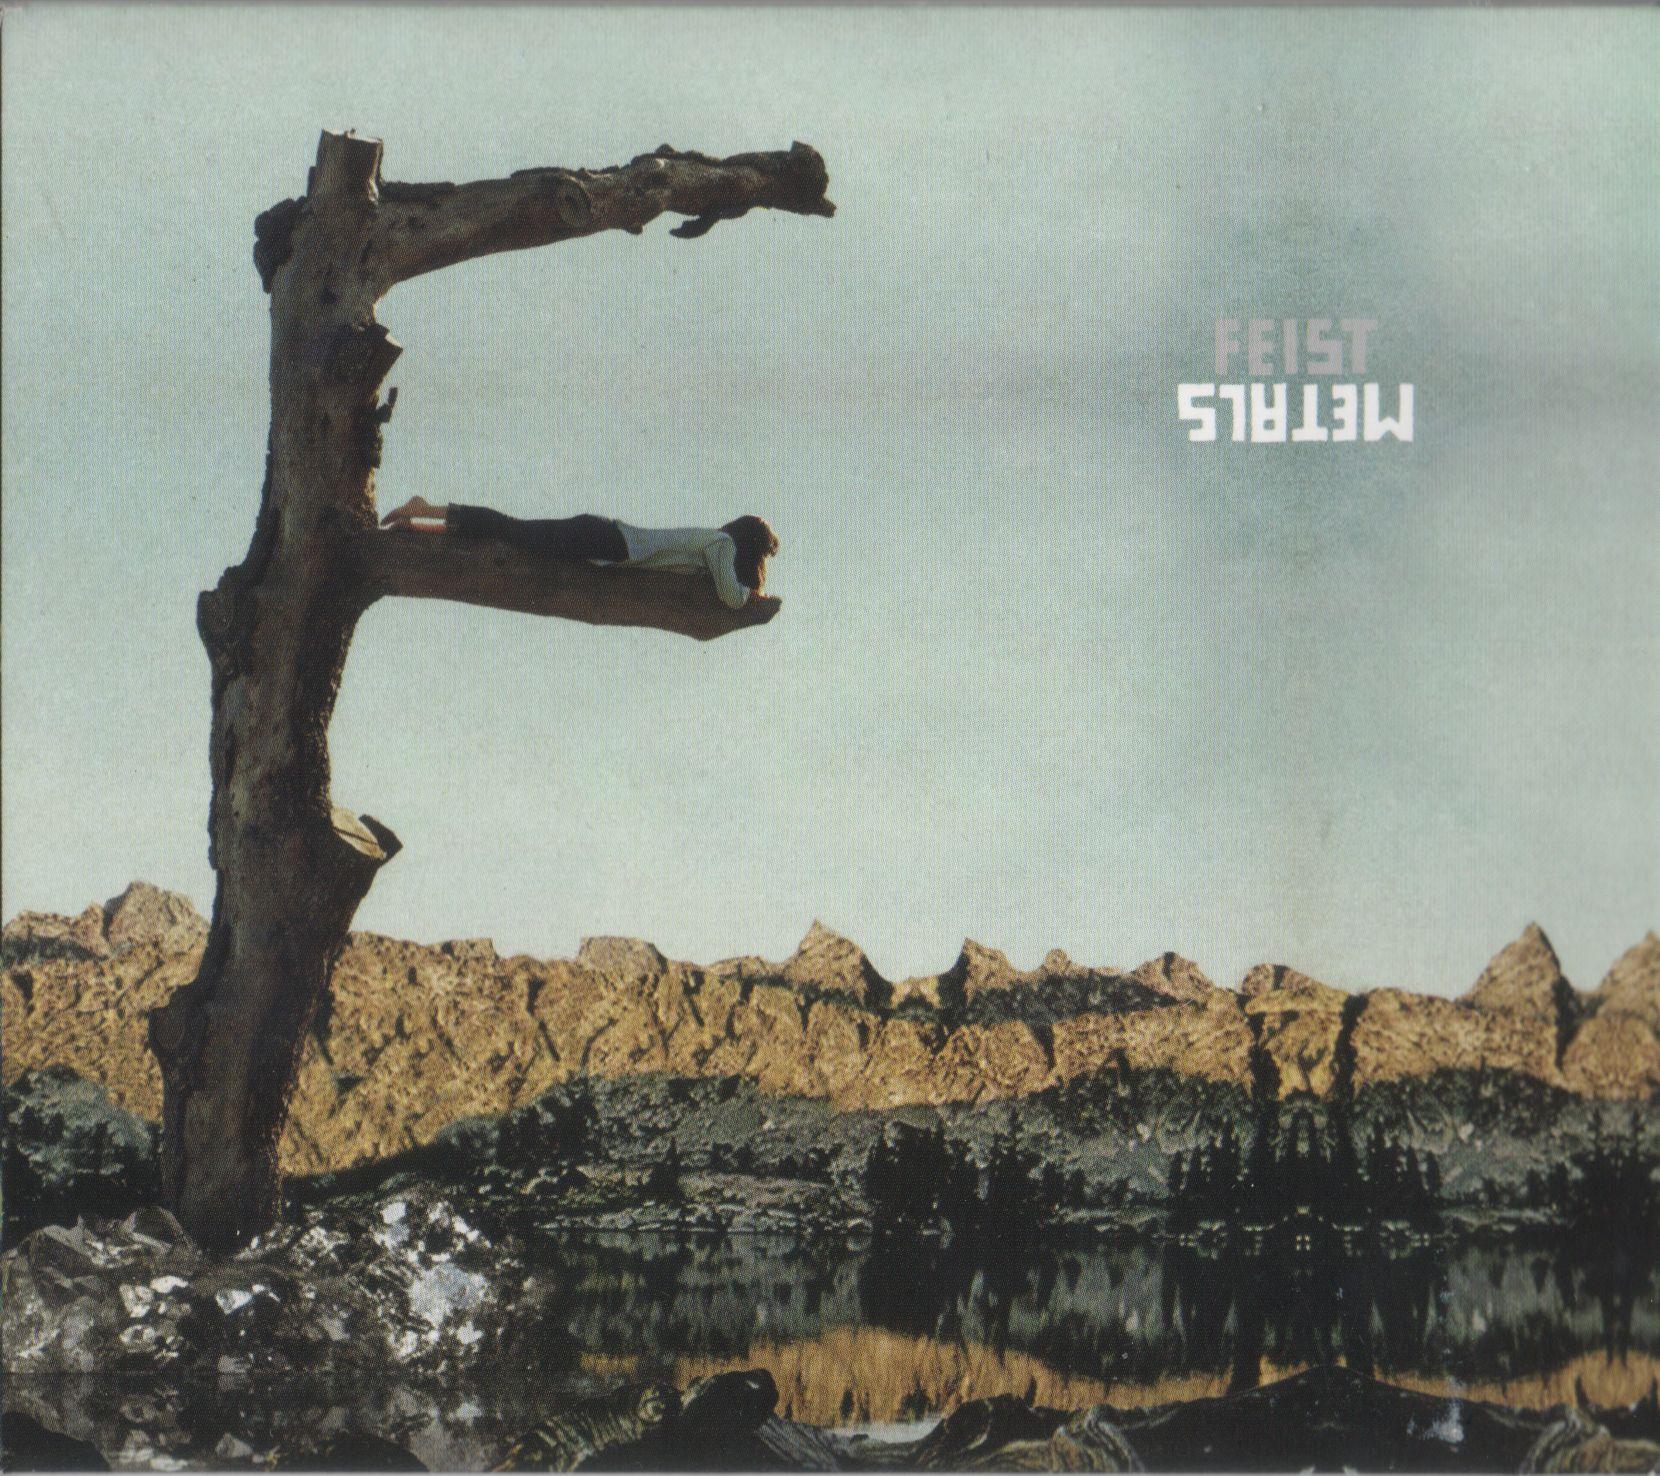 Feist - Metals album cover